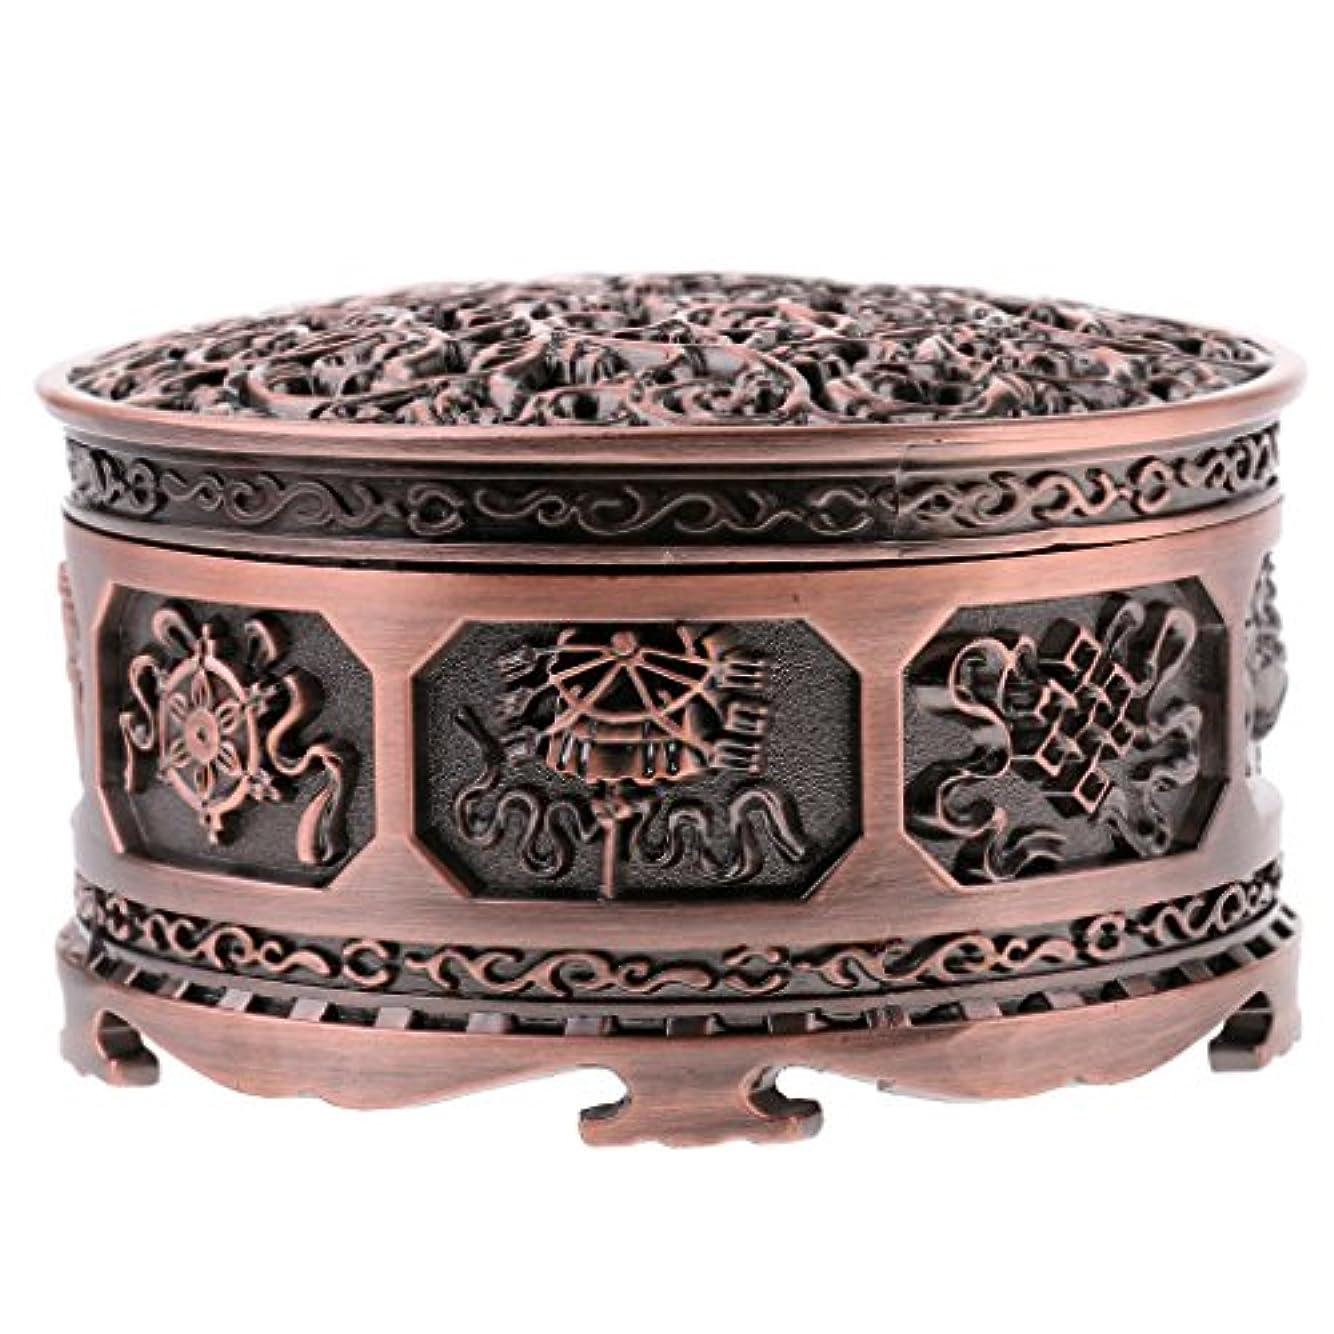 宝石伝導率現実Fenteer チベット 合金 香りバーナー 煙 コーン 香炉 金属 アロマストーブ ホーム 装飾 全3色 - 浓いかっしょく